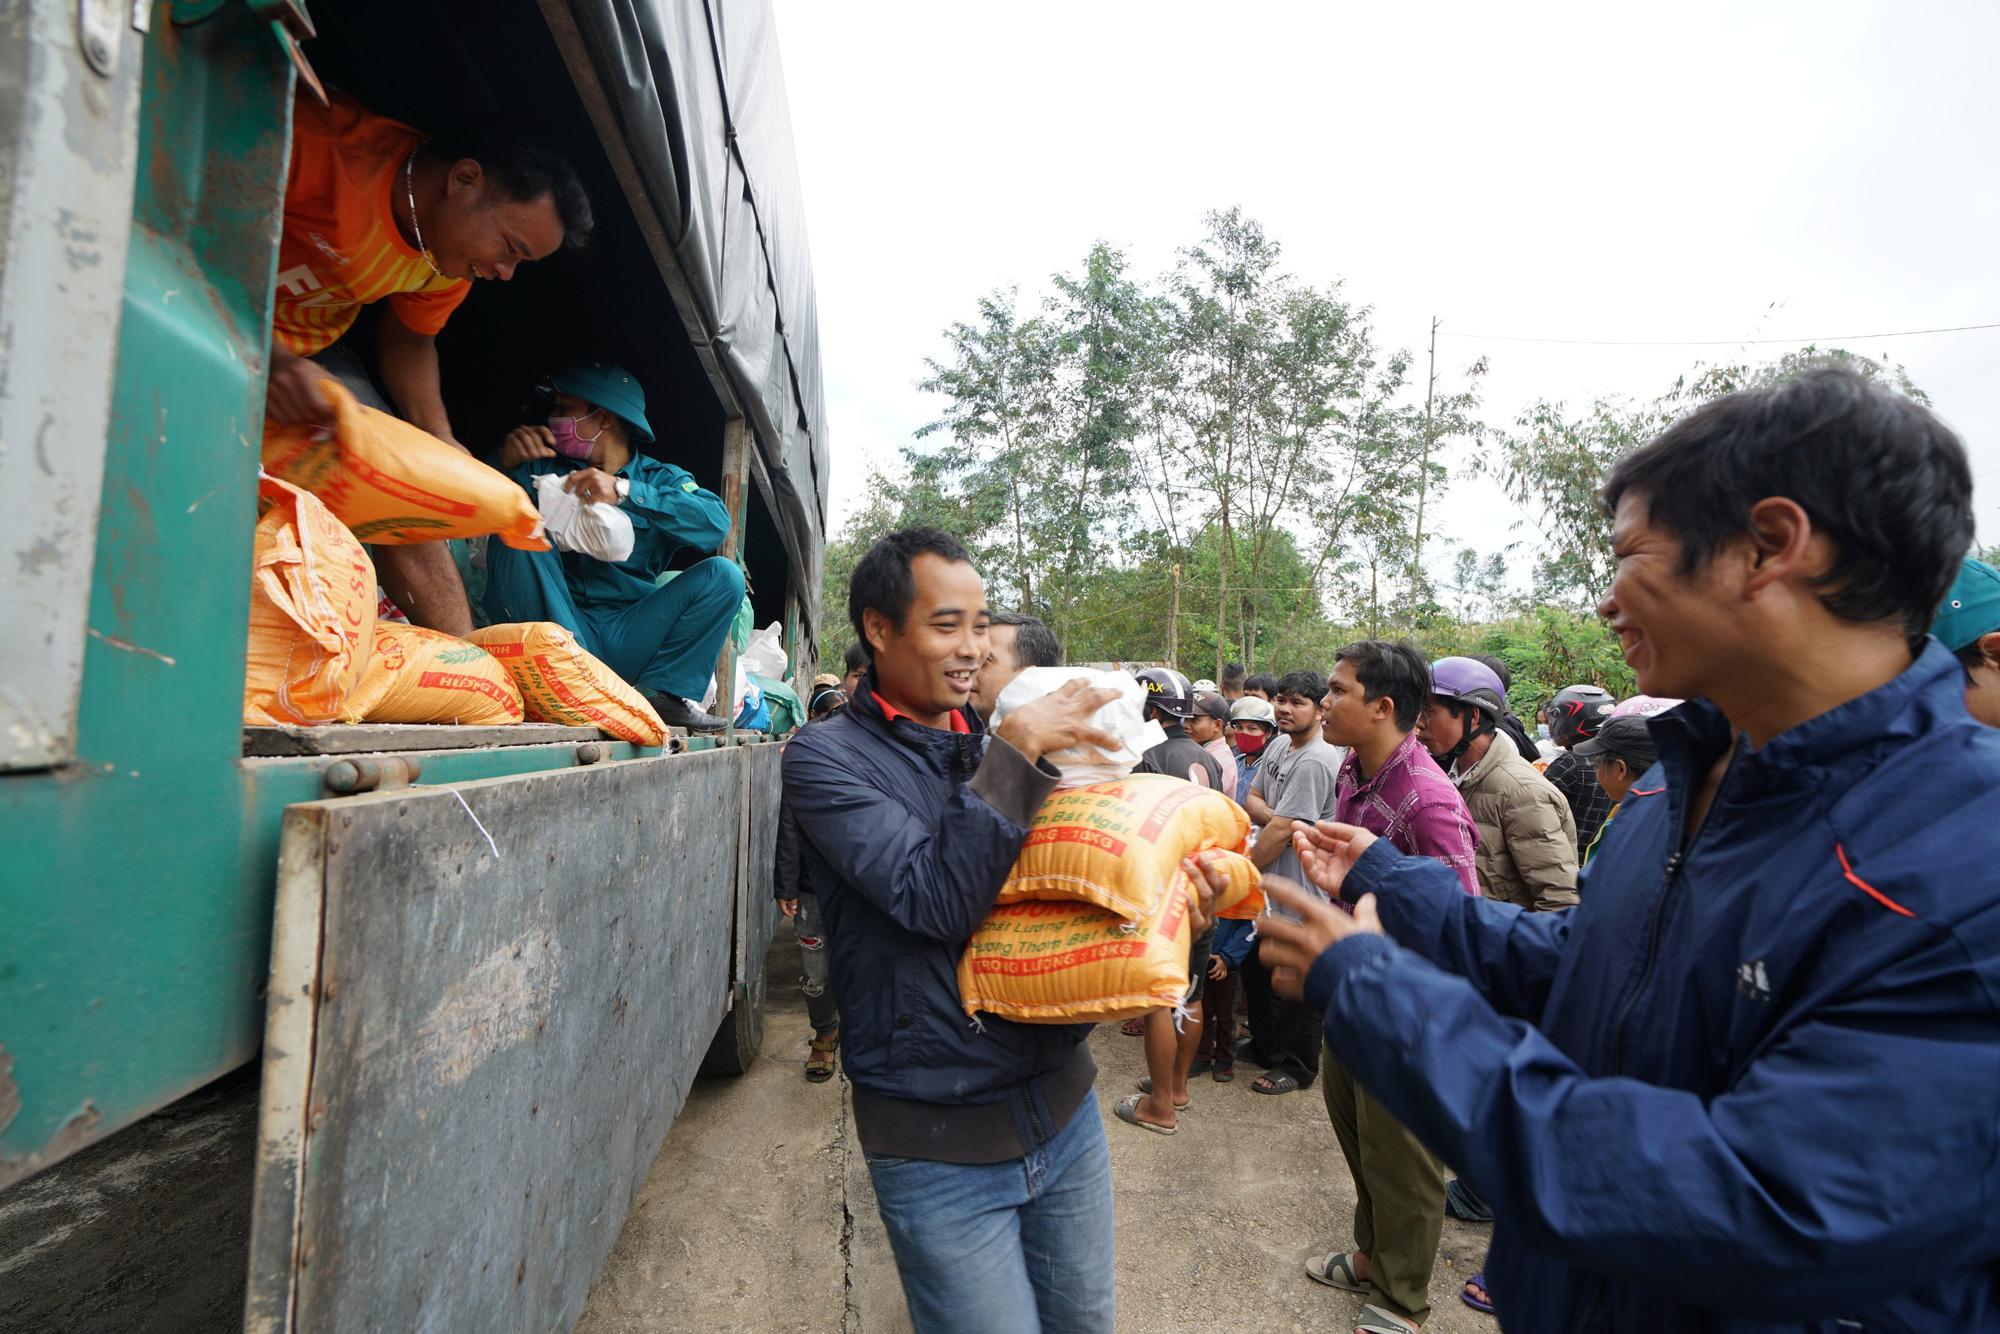 Quảng Nam: Tập đoàn FVG tặng 1100 suất quà hỗ trợ đồng bào miền núi bị ảnh hưởng do bão lũ  - Ảnh 8.